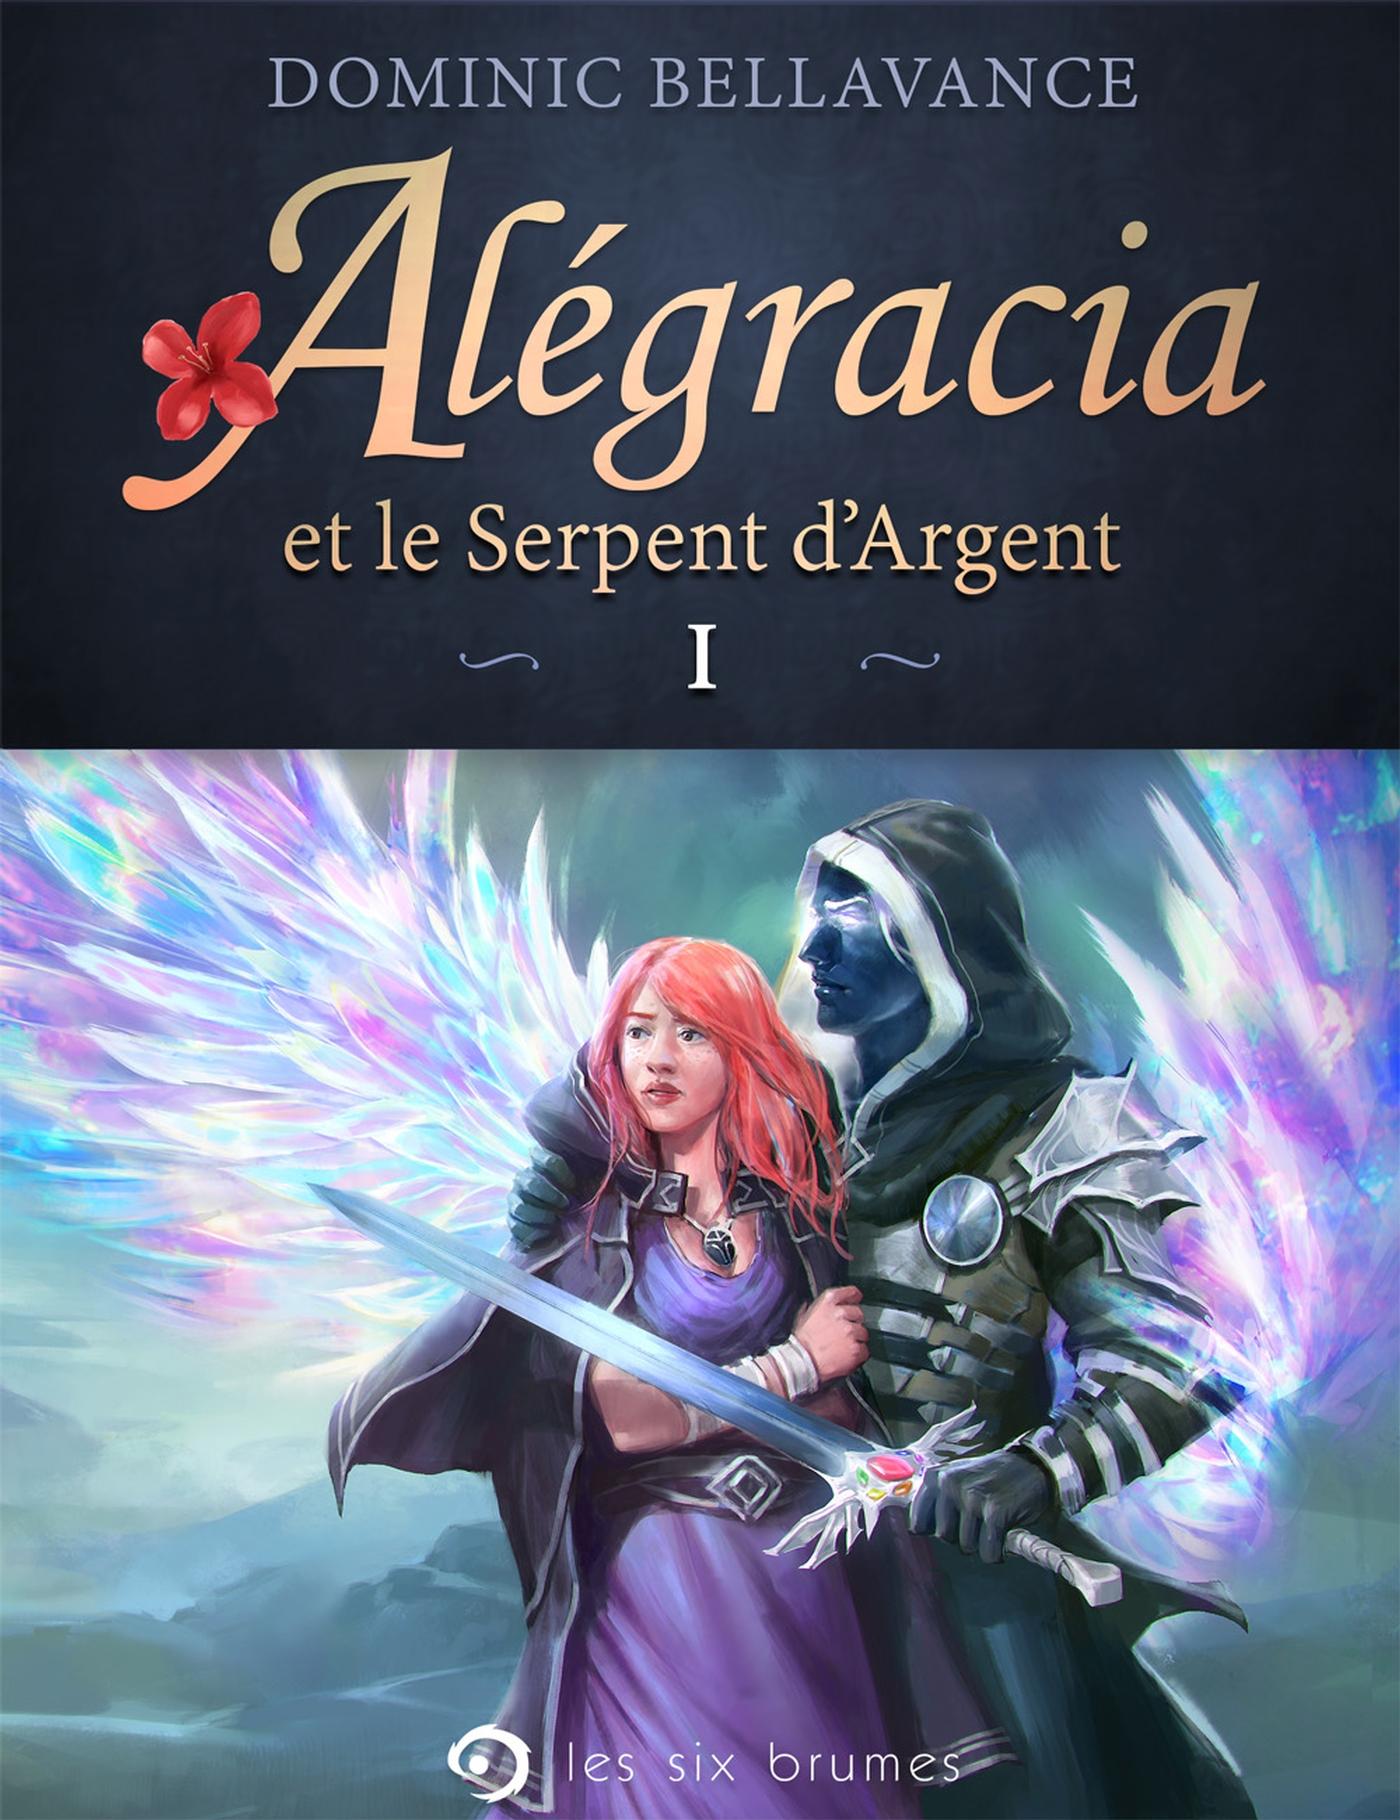 Alégracia et le Serpent d'Argent